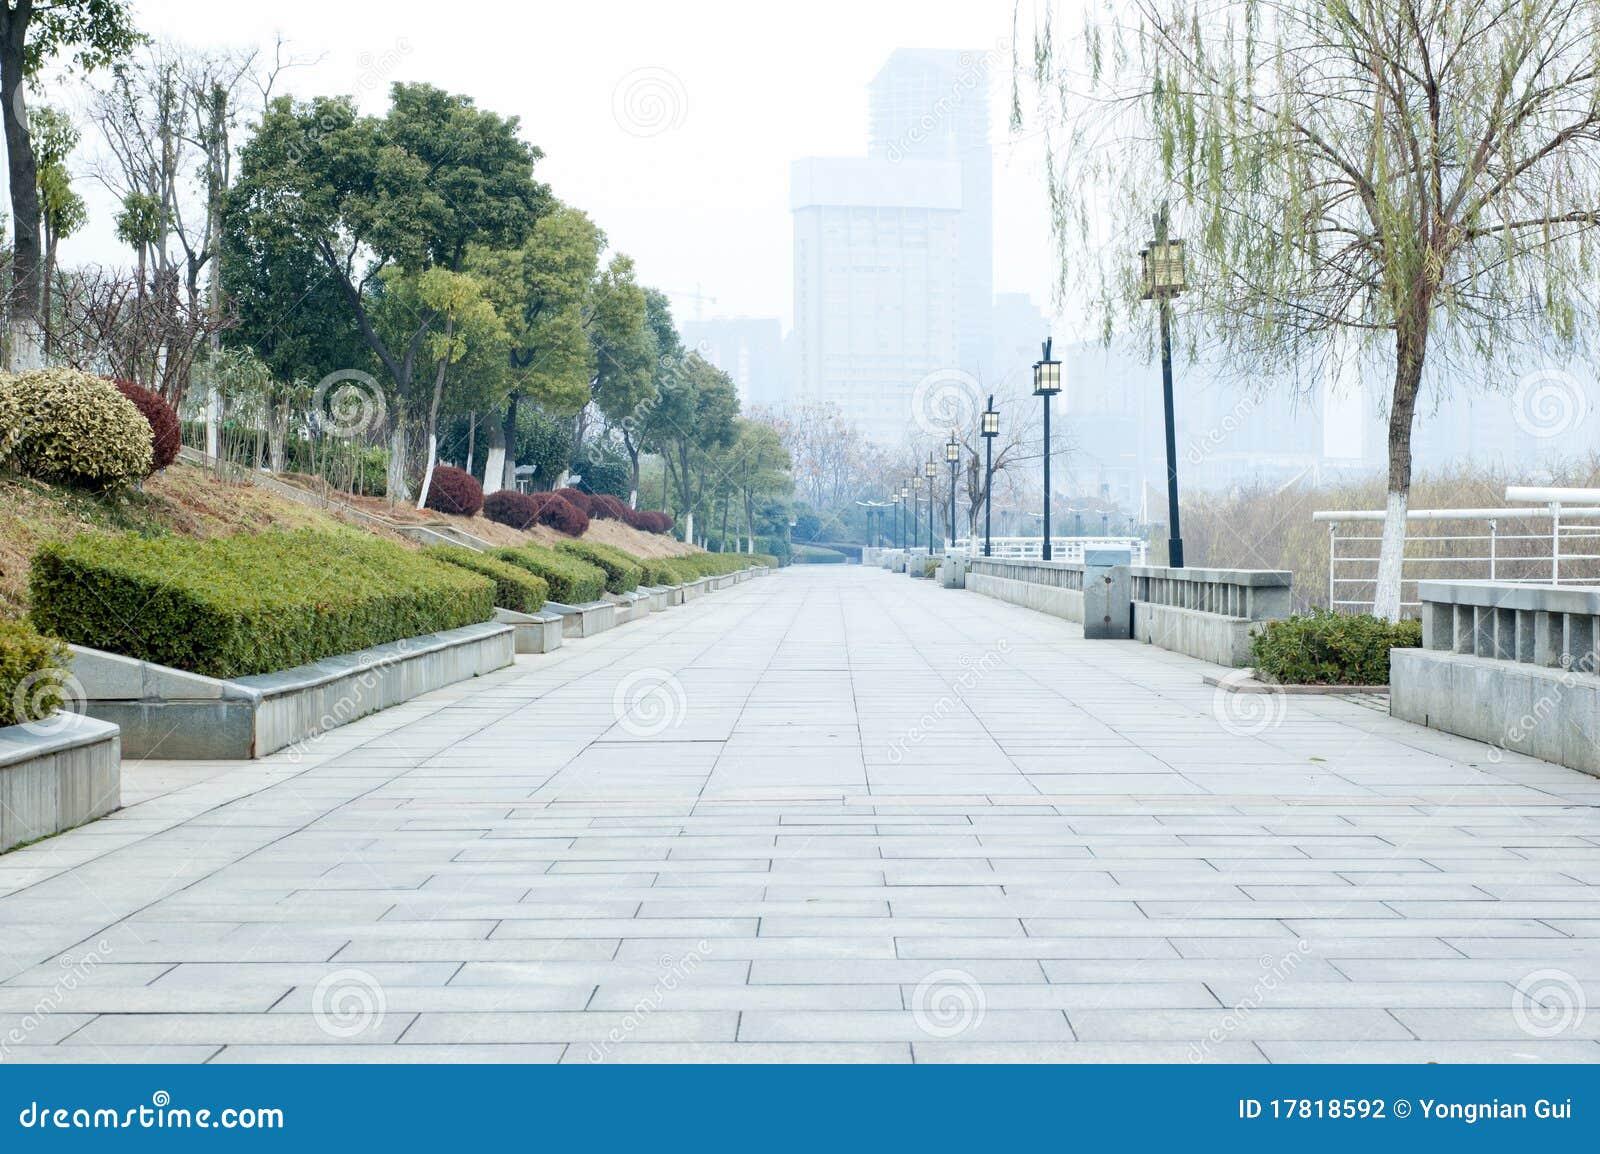 узбечка трахтса н дорога и парк через полтора